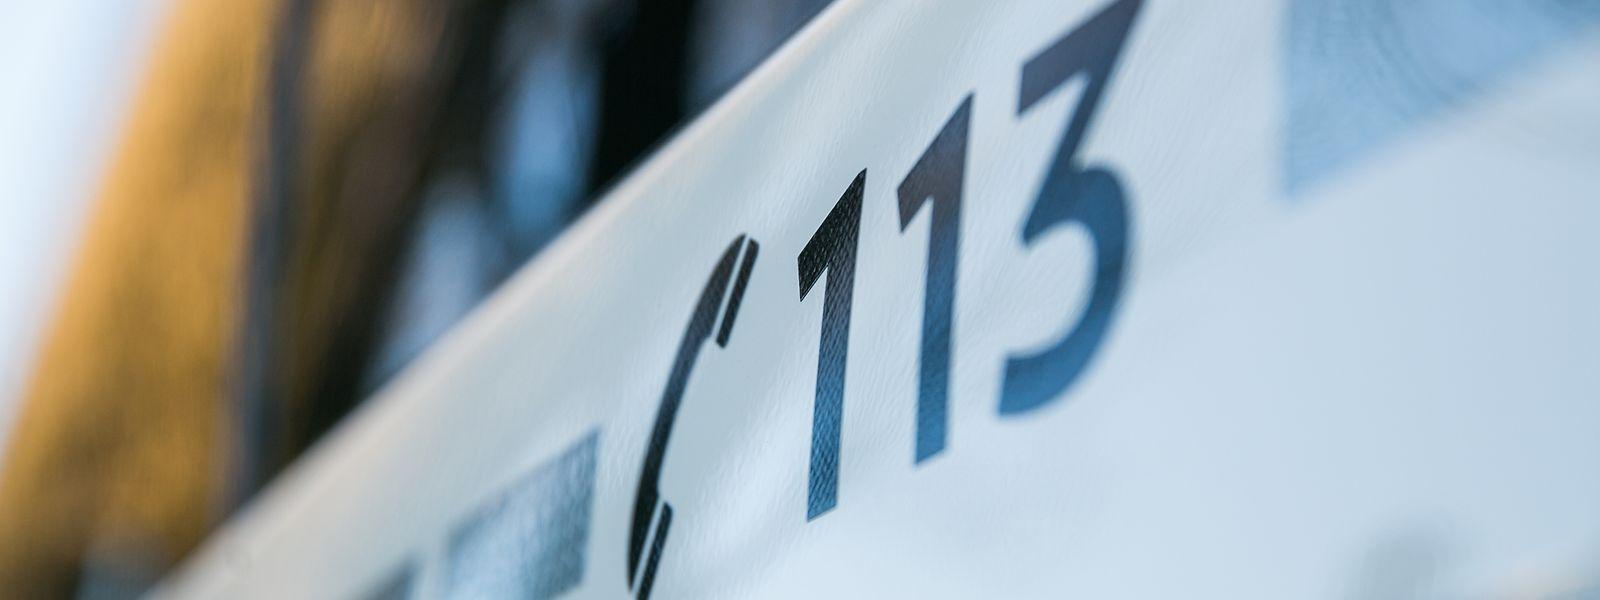 Wer eine verletzte Person in der Nähe der Aire de Berchem sieht, soll den Polizeinotruf 113 alarmieren.